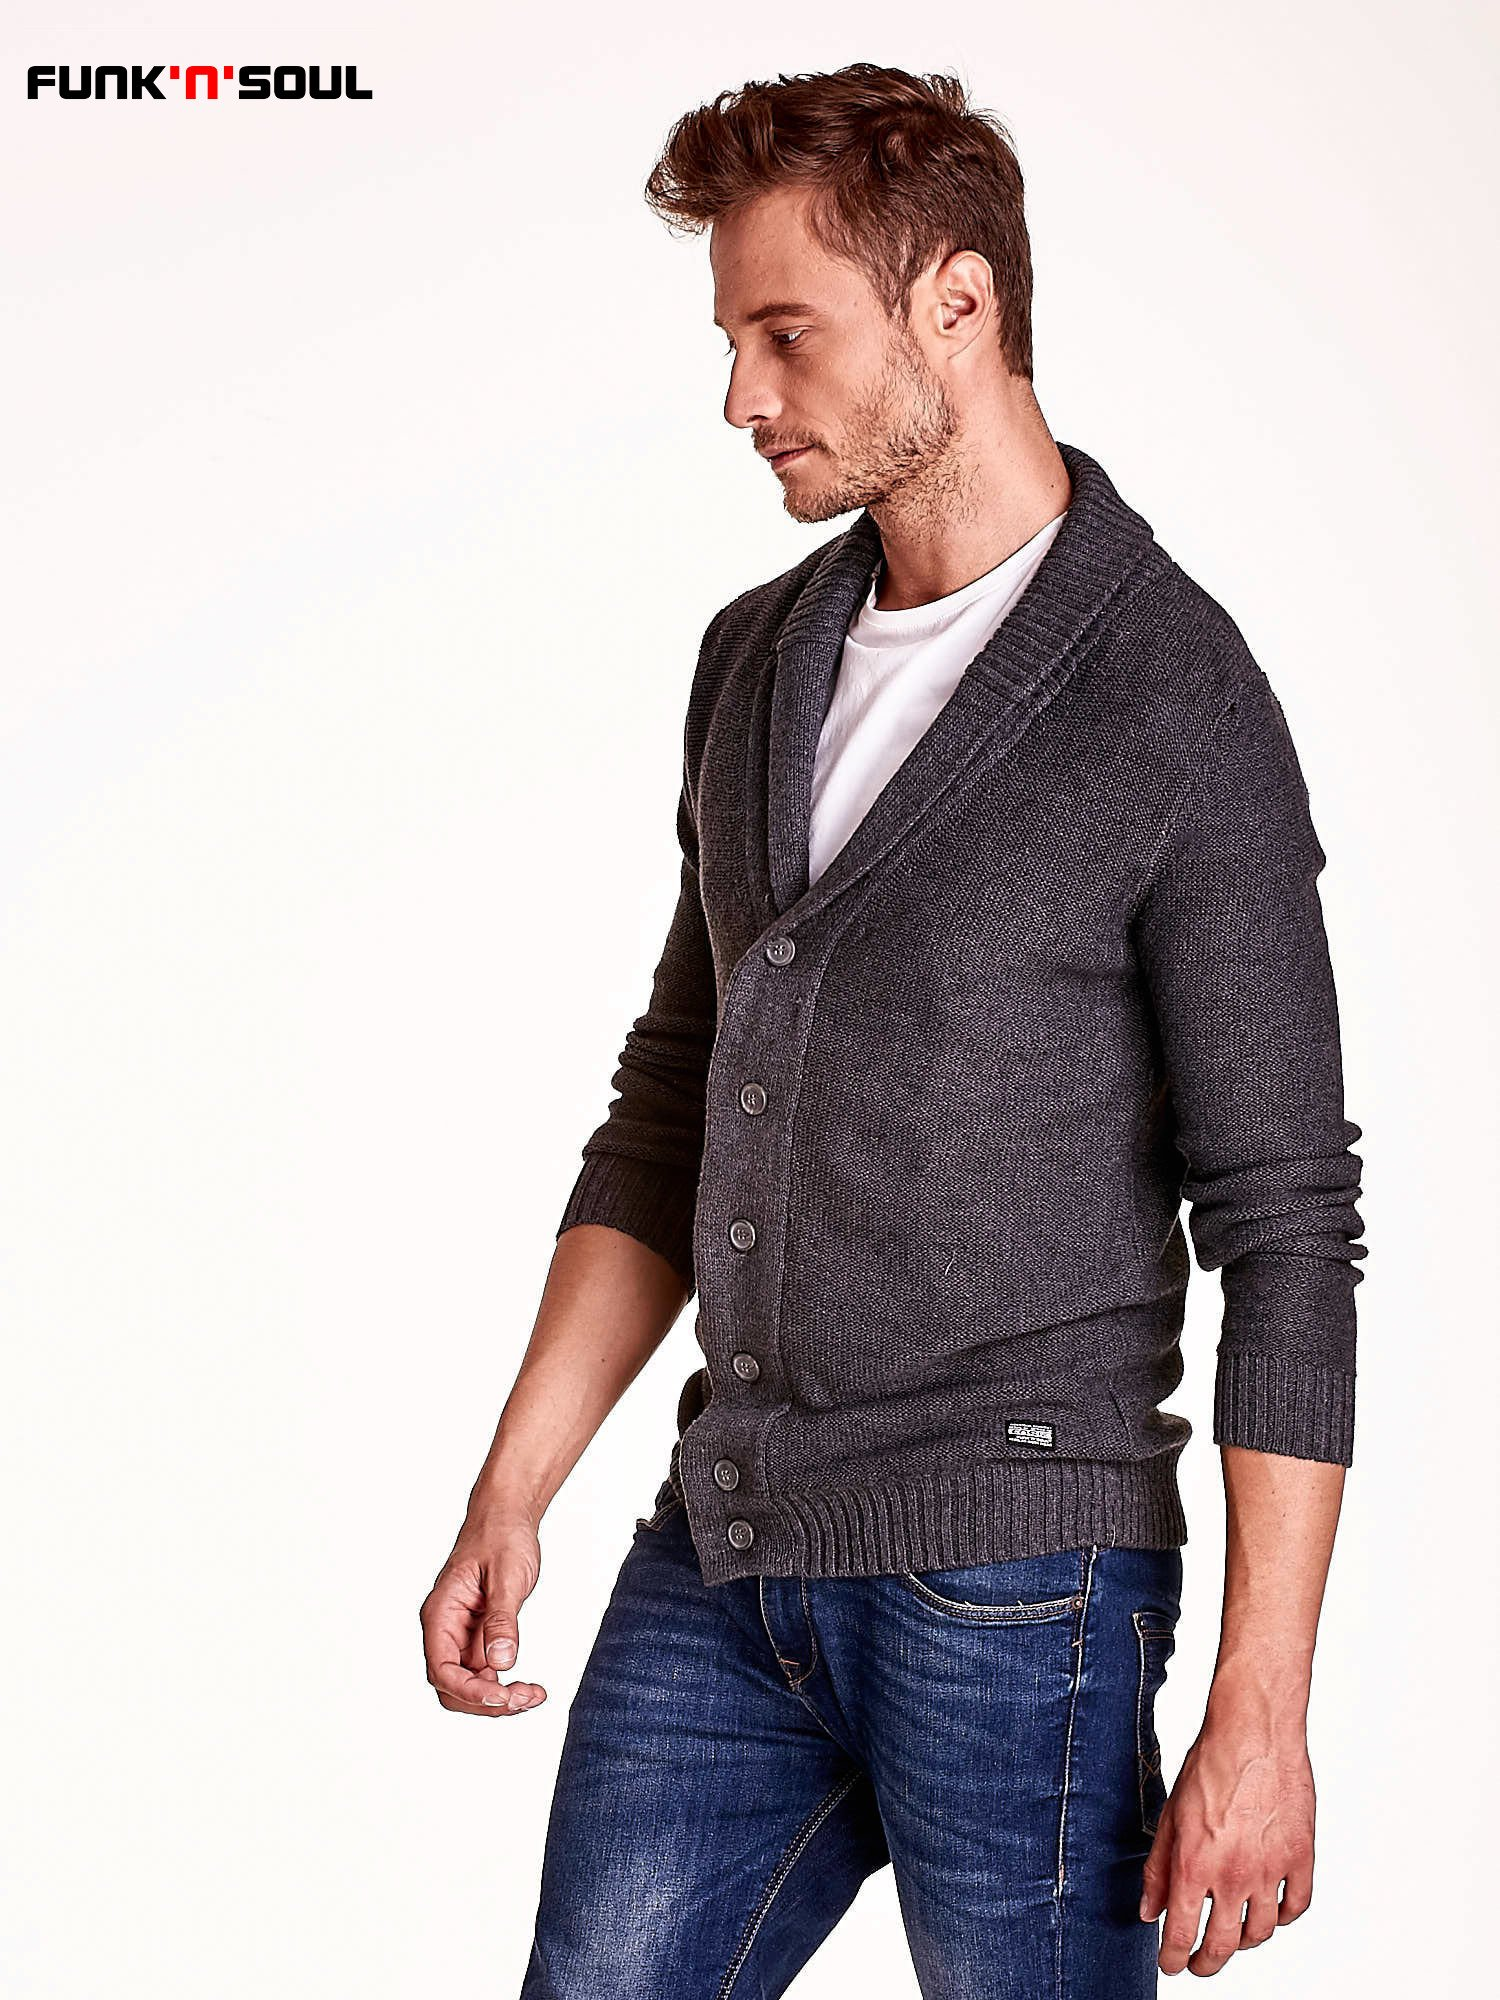 Ciemnoszary sweter męski zapinany na guziki FUNK N SOUL                                  zdj.                                  4